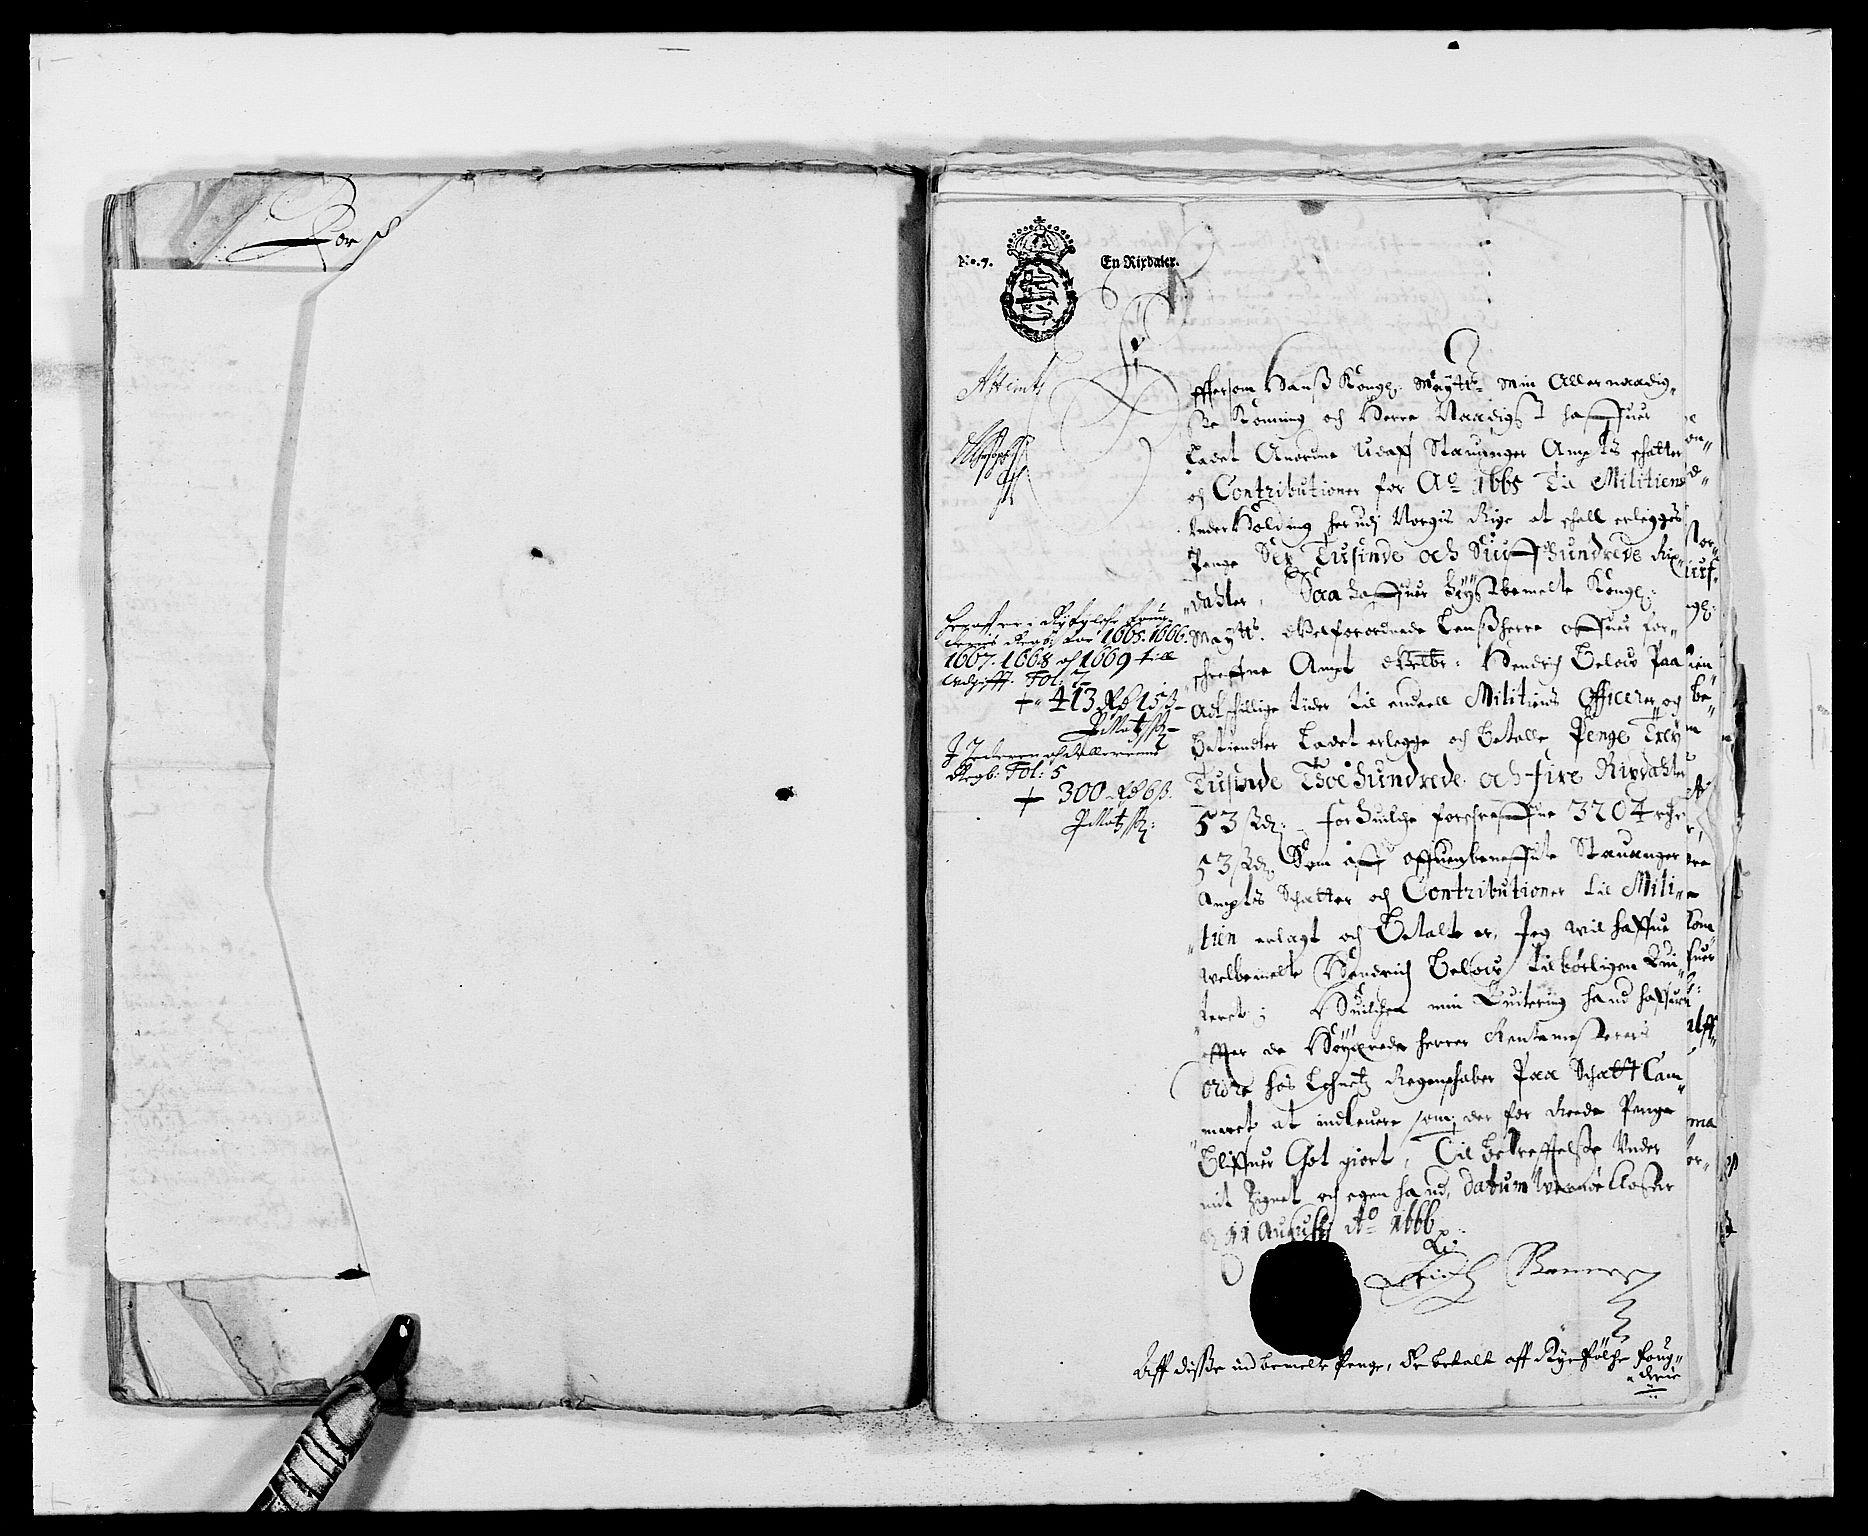 RA, Rentekammeret inntil 1814, Reviderte regnskaper, Fogderegnskap, R47/L2842: Fogderegnskap Ryfylke, 1665-1669, s. 324